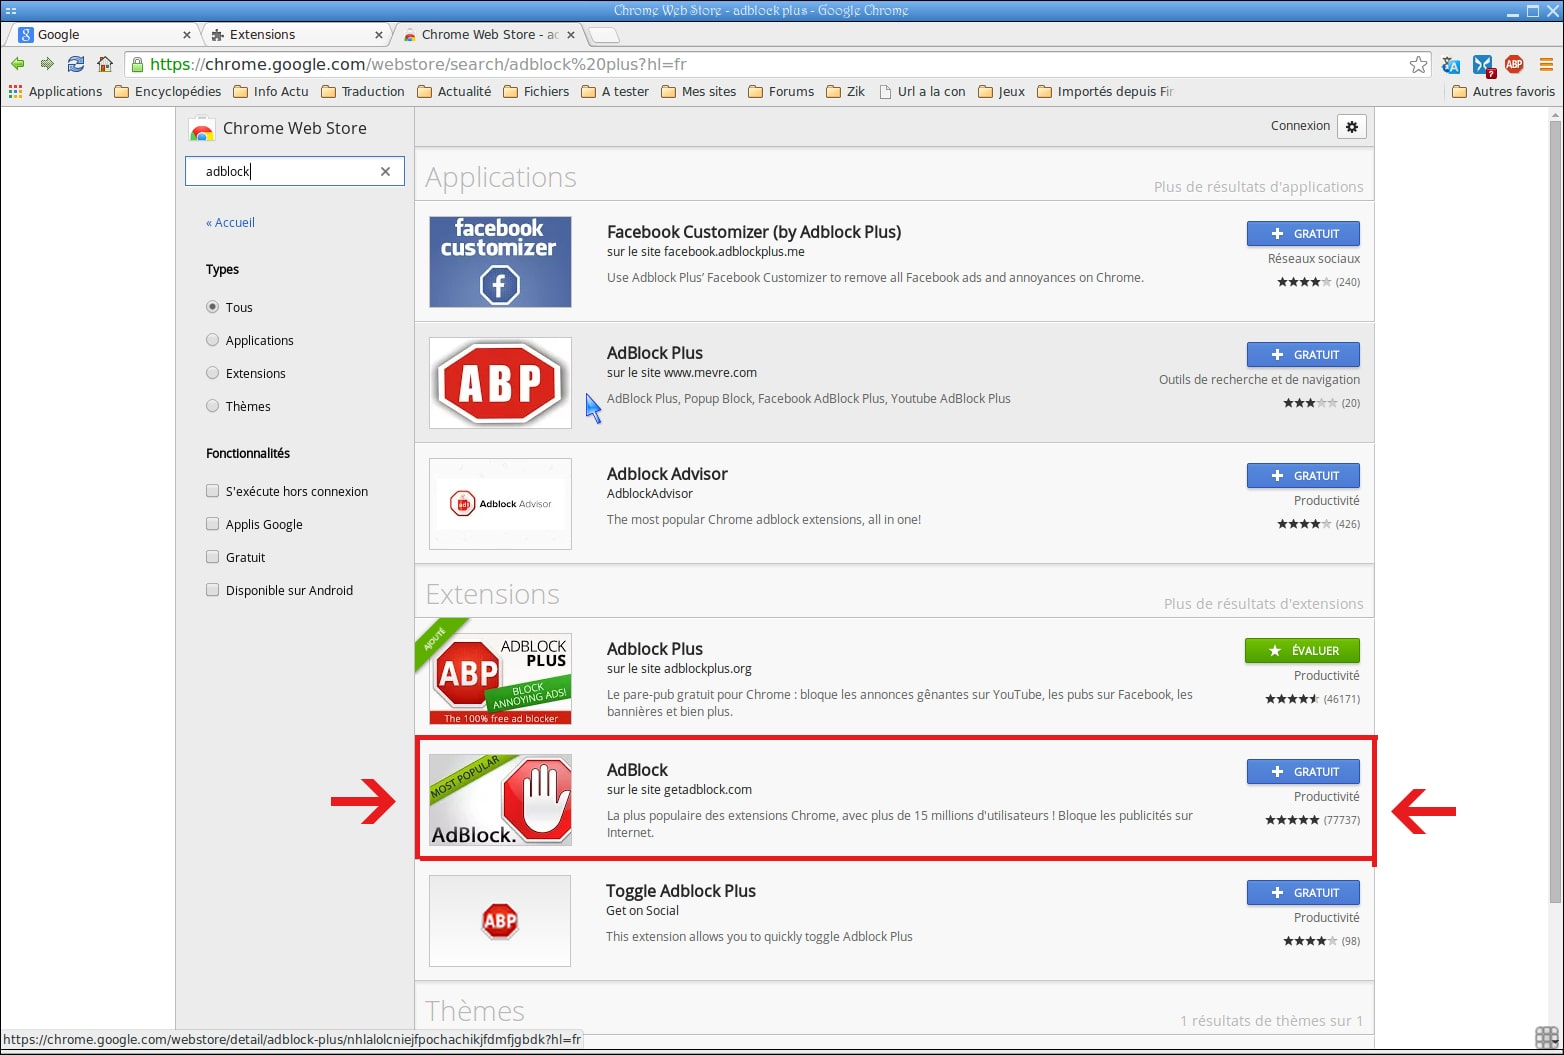 Descargar extensiones en la Web Store